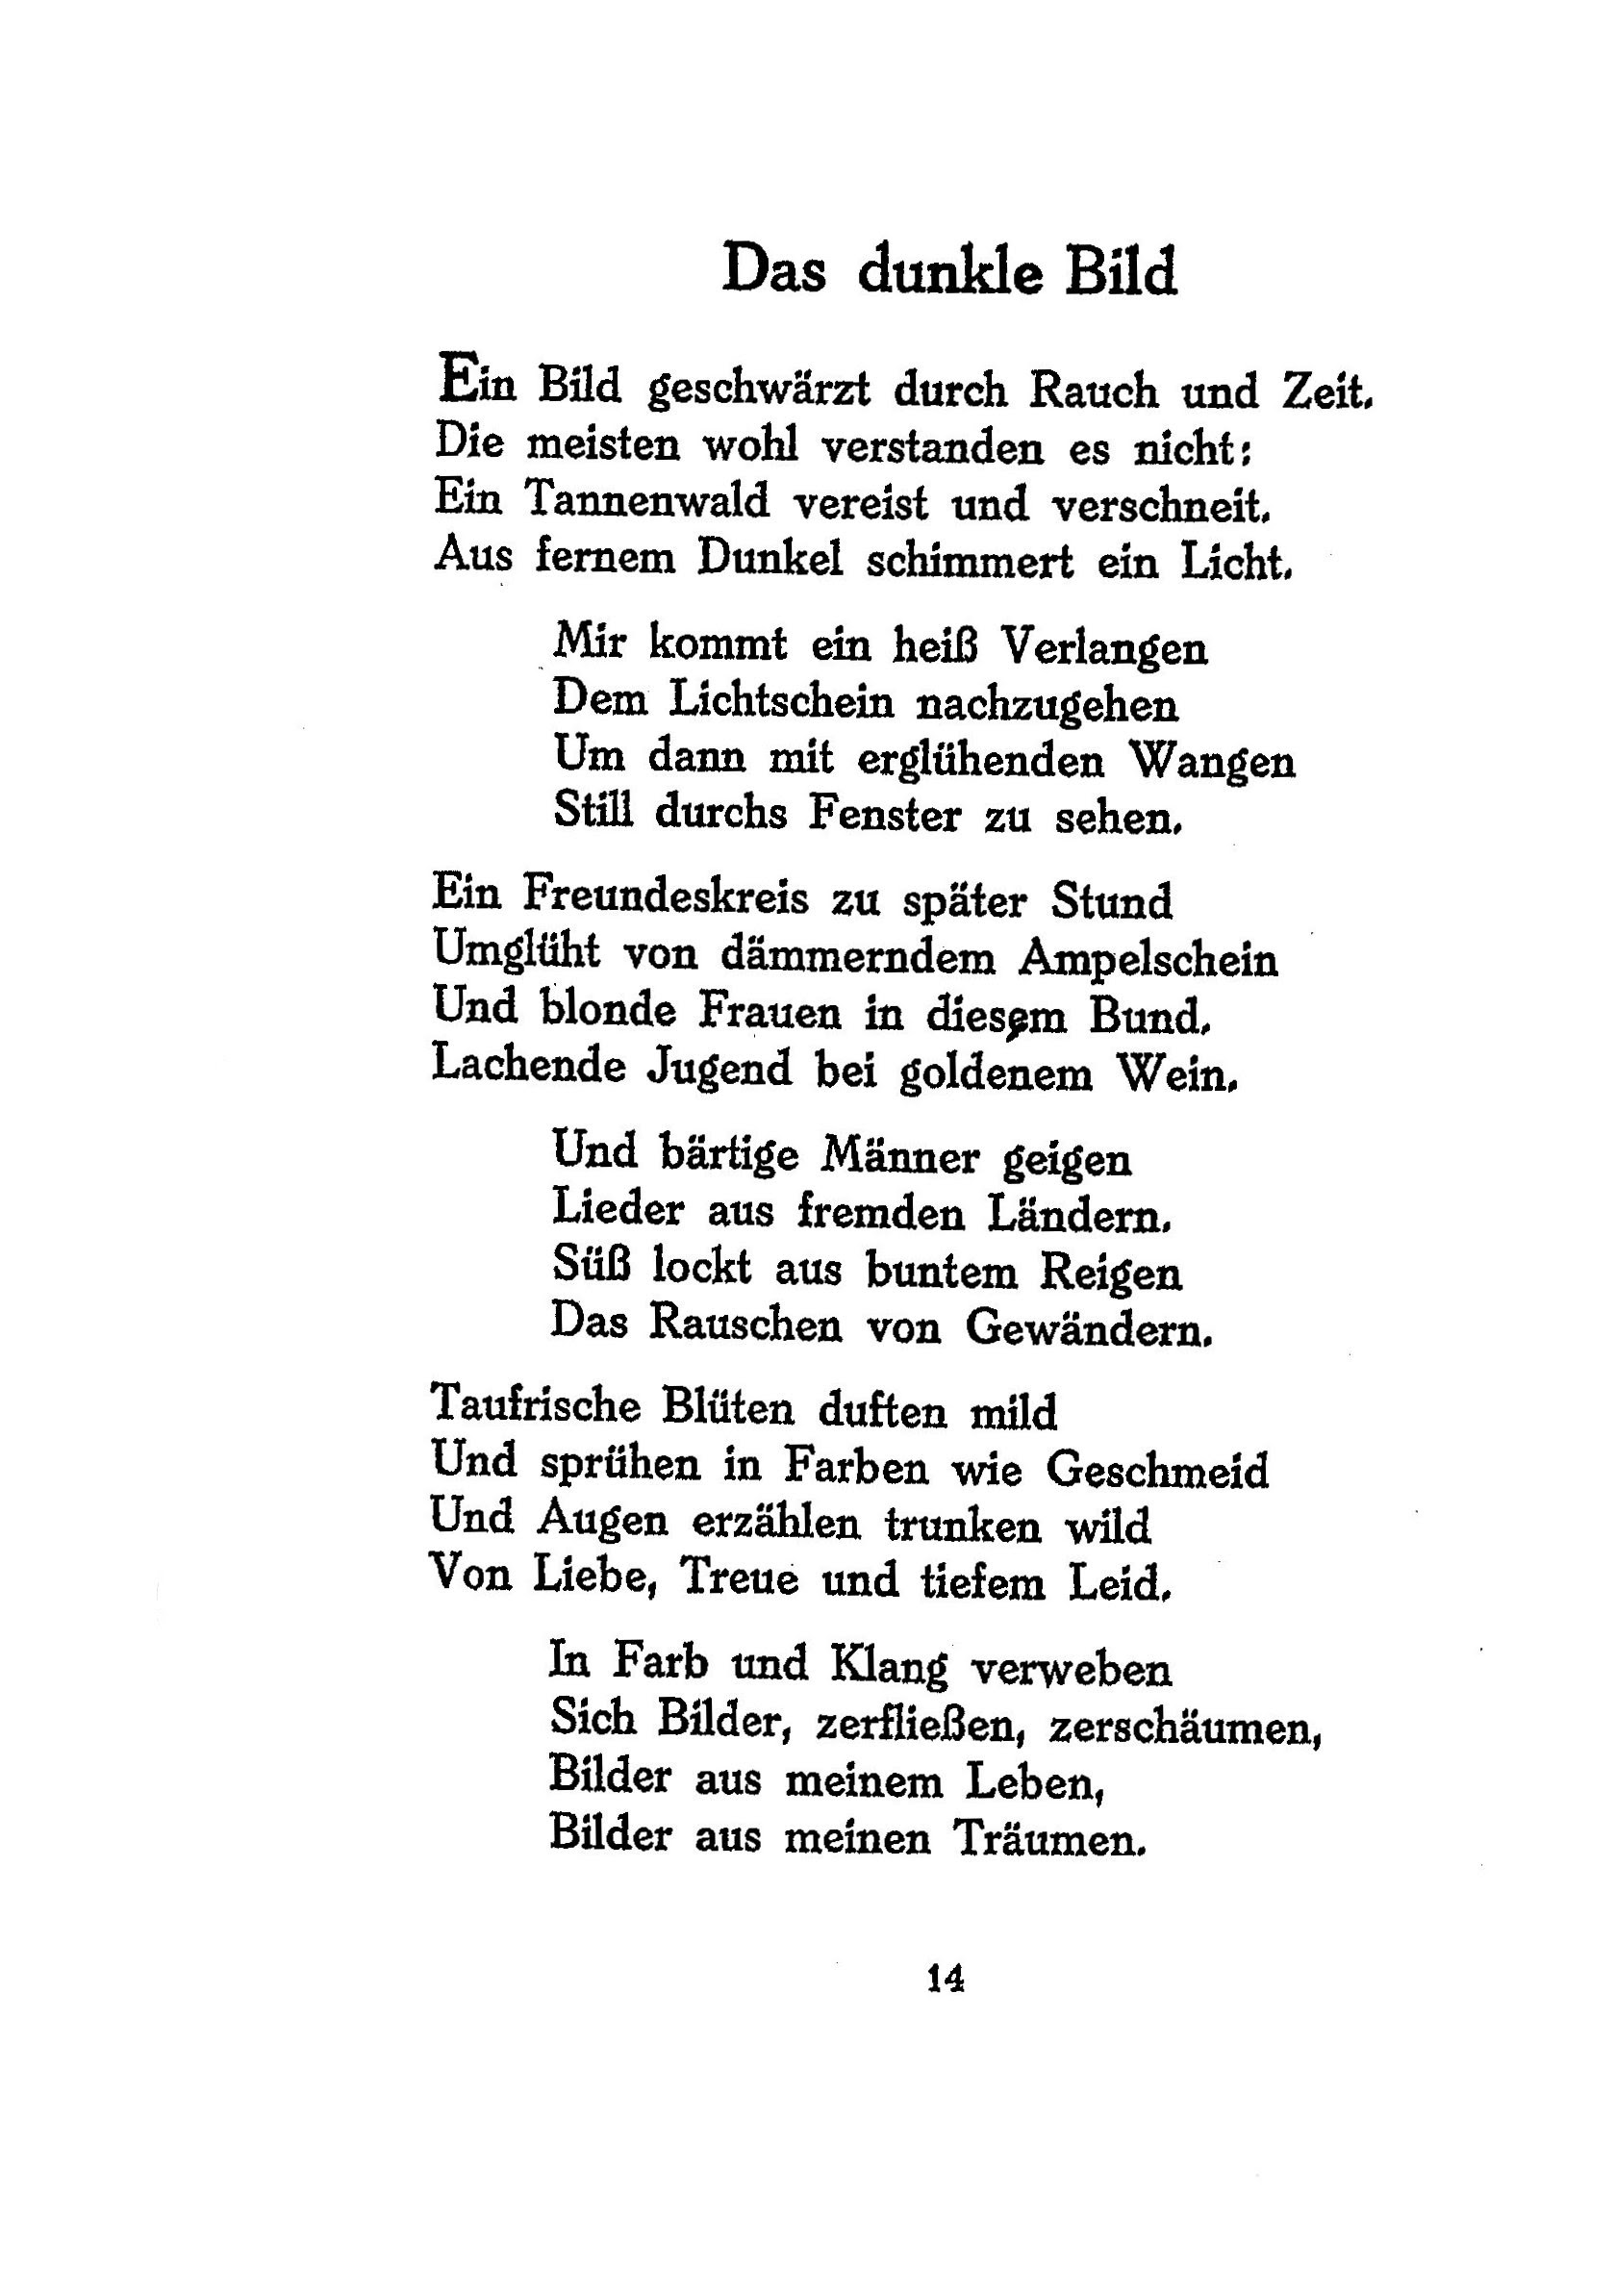 Gedicht Geburtstag Lustig Ringelnatz Ramesh Mamund